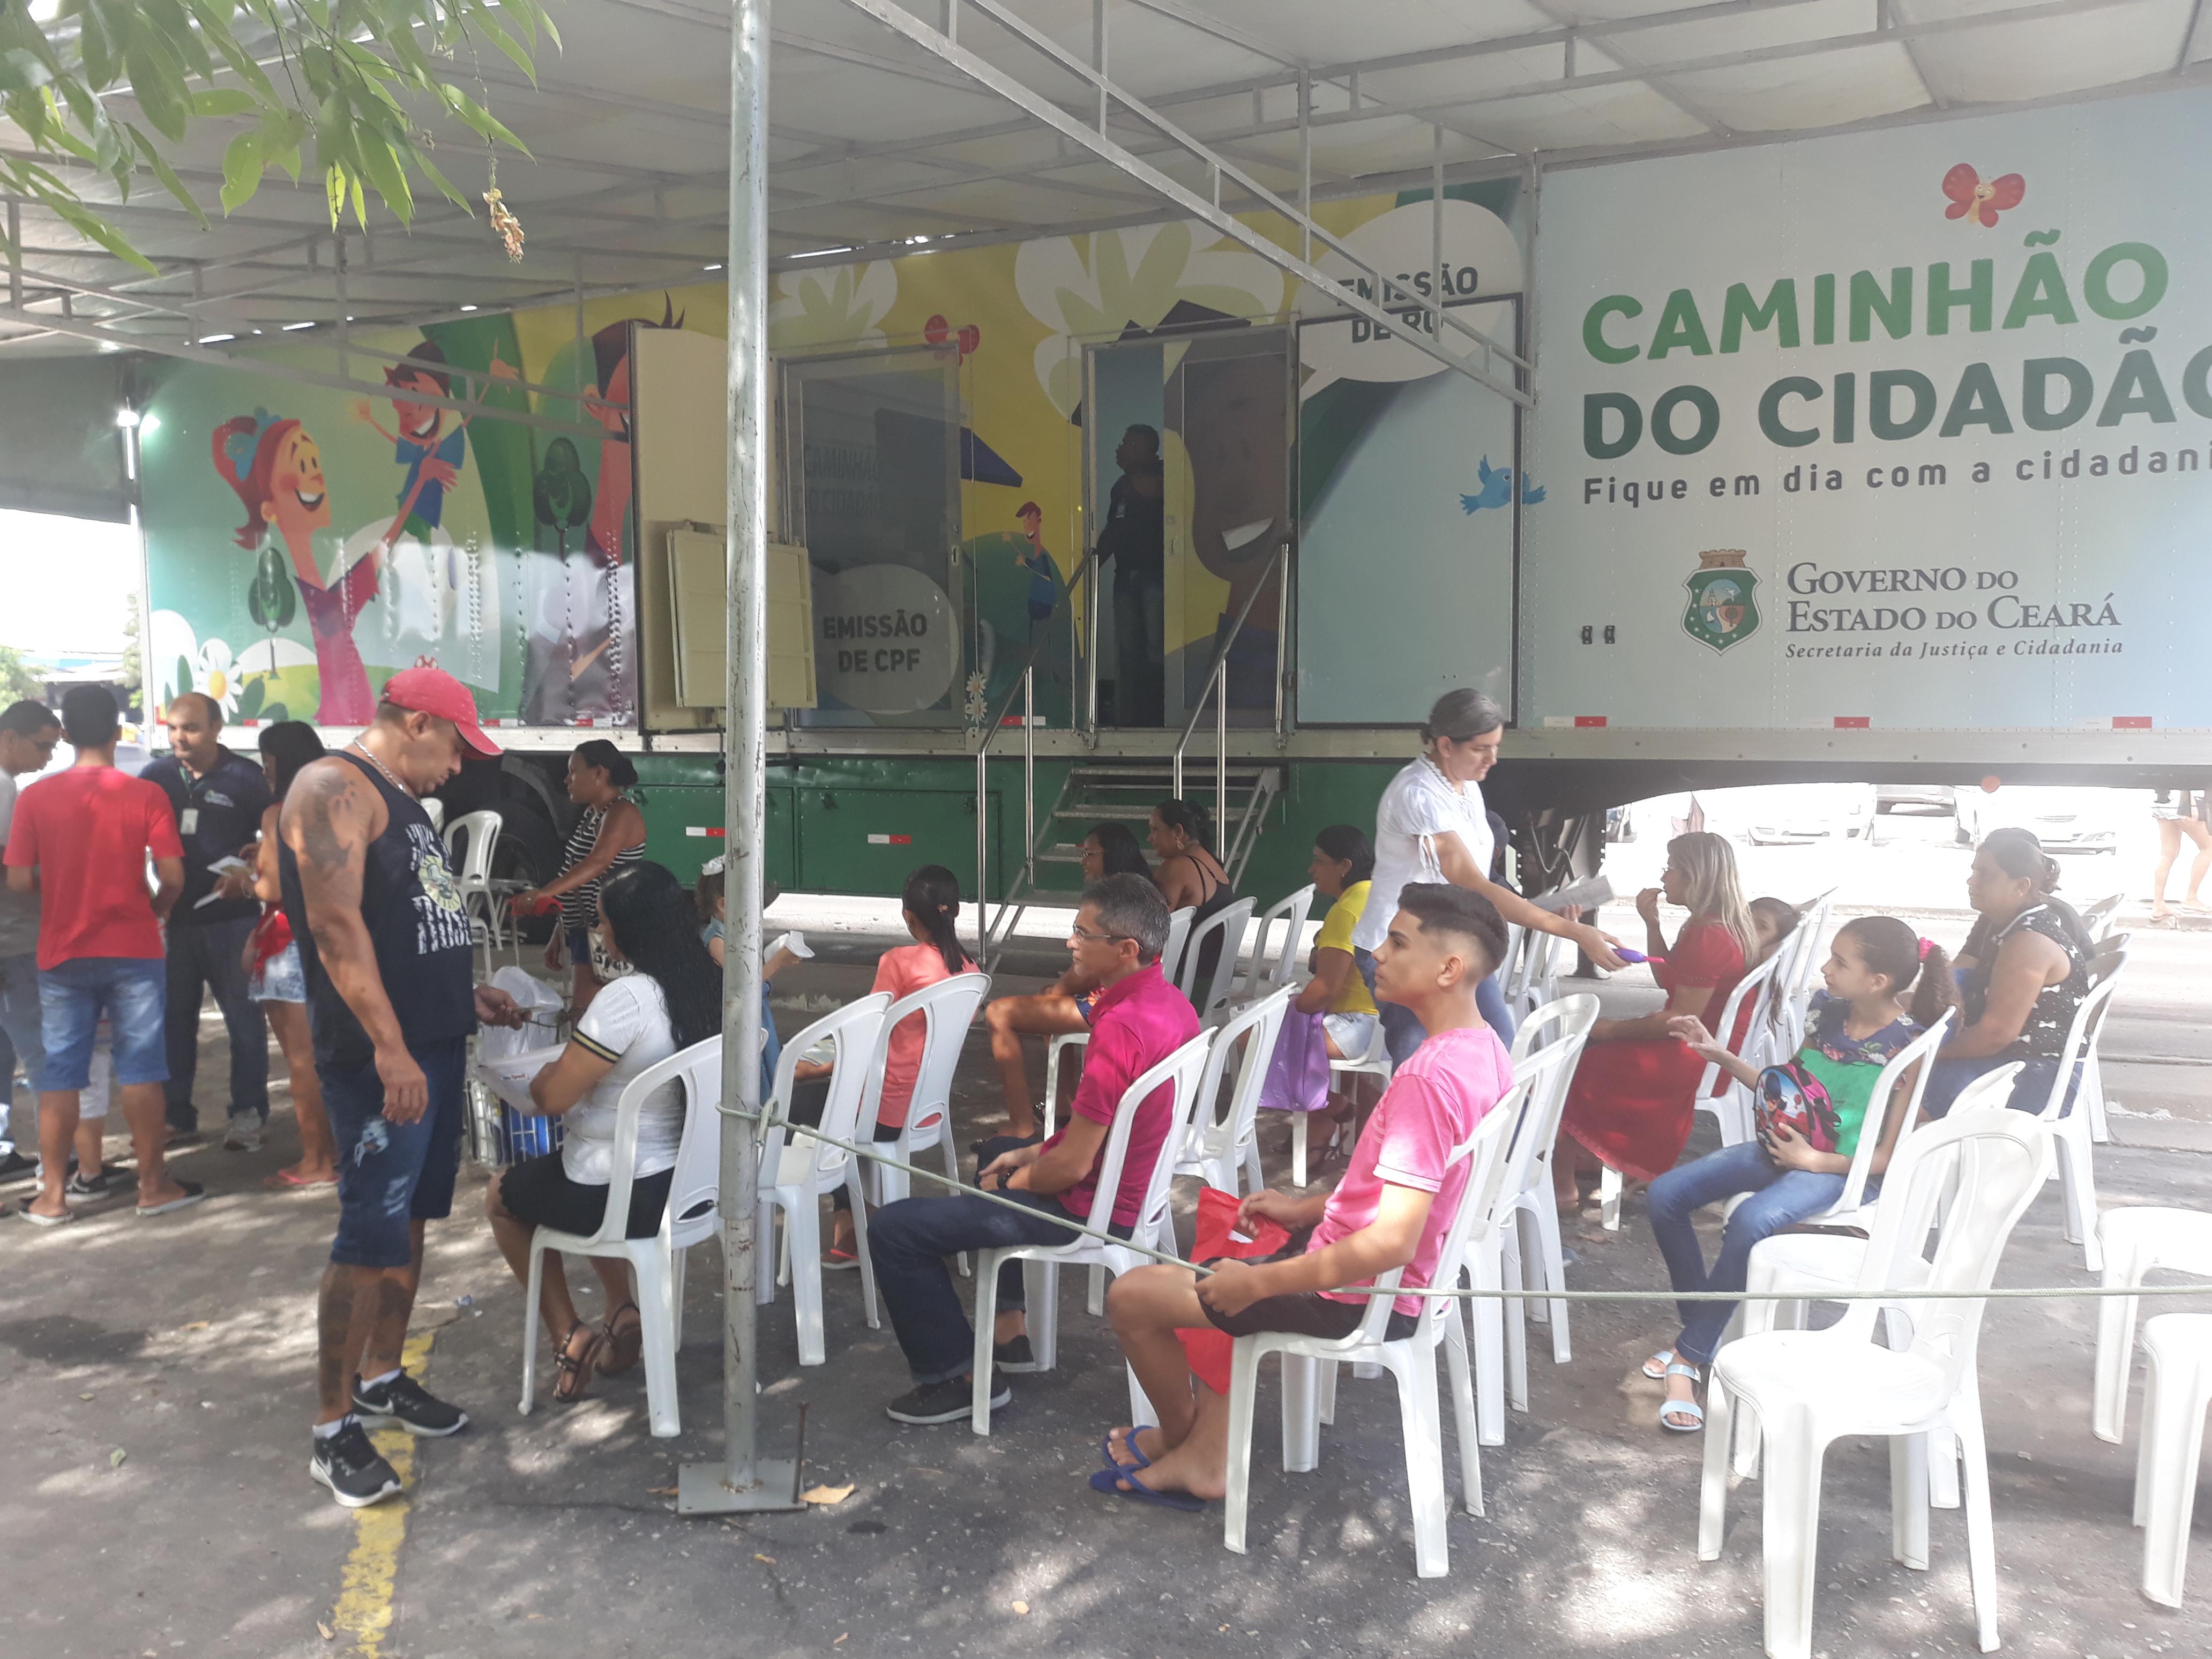 Caminhão do Cidadão emite 546 documentos na Ceasa-CE